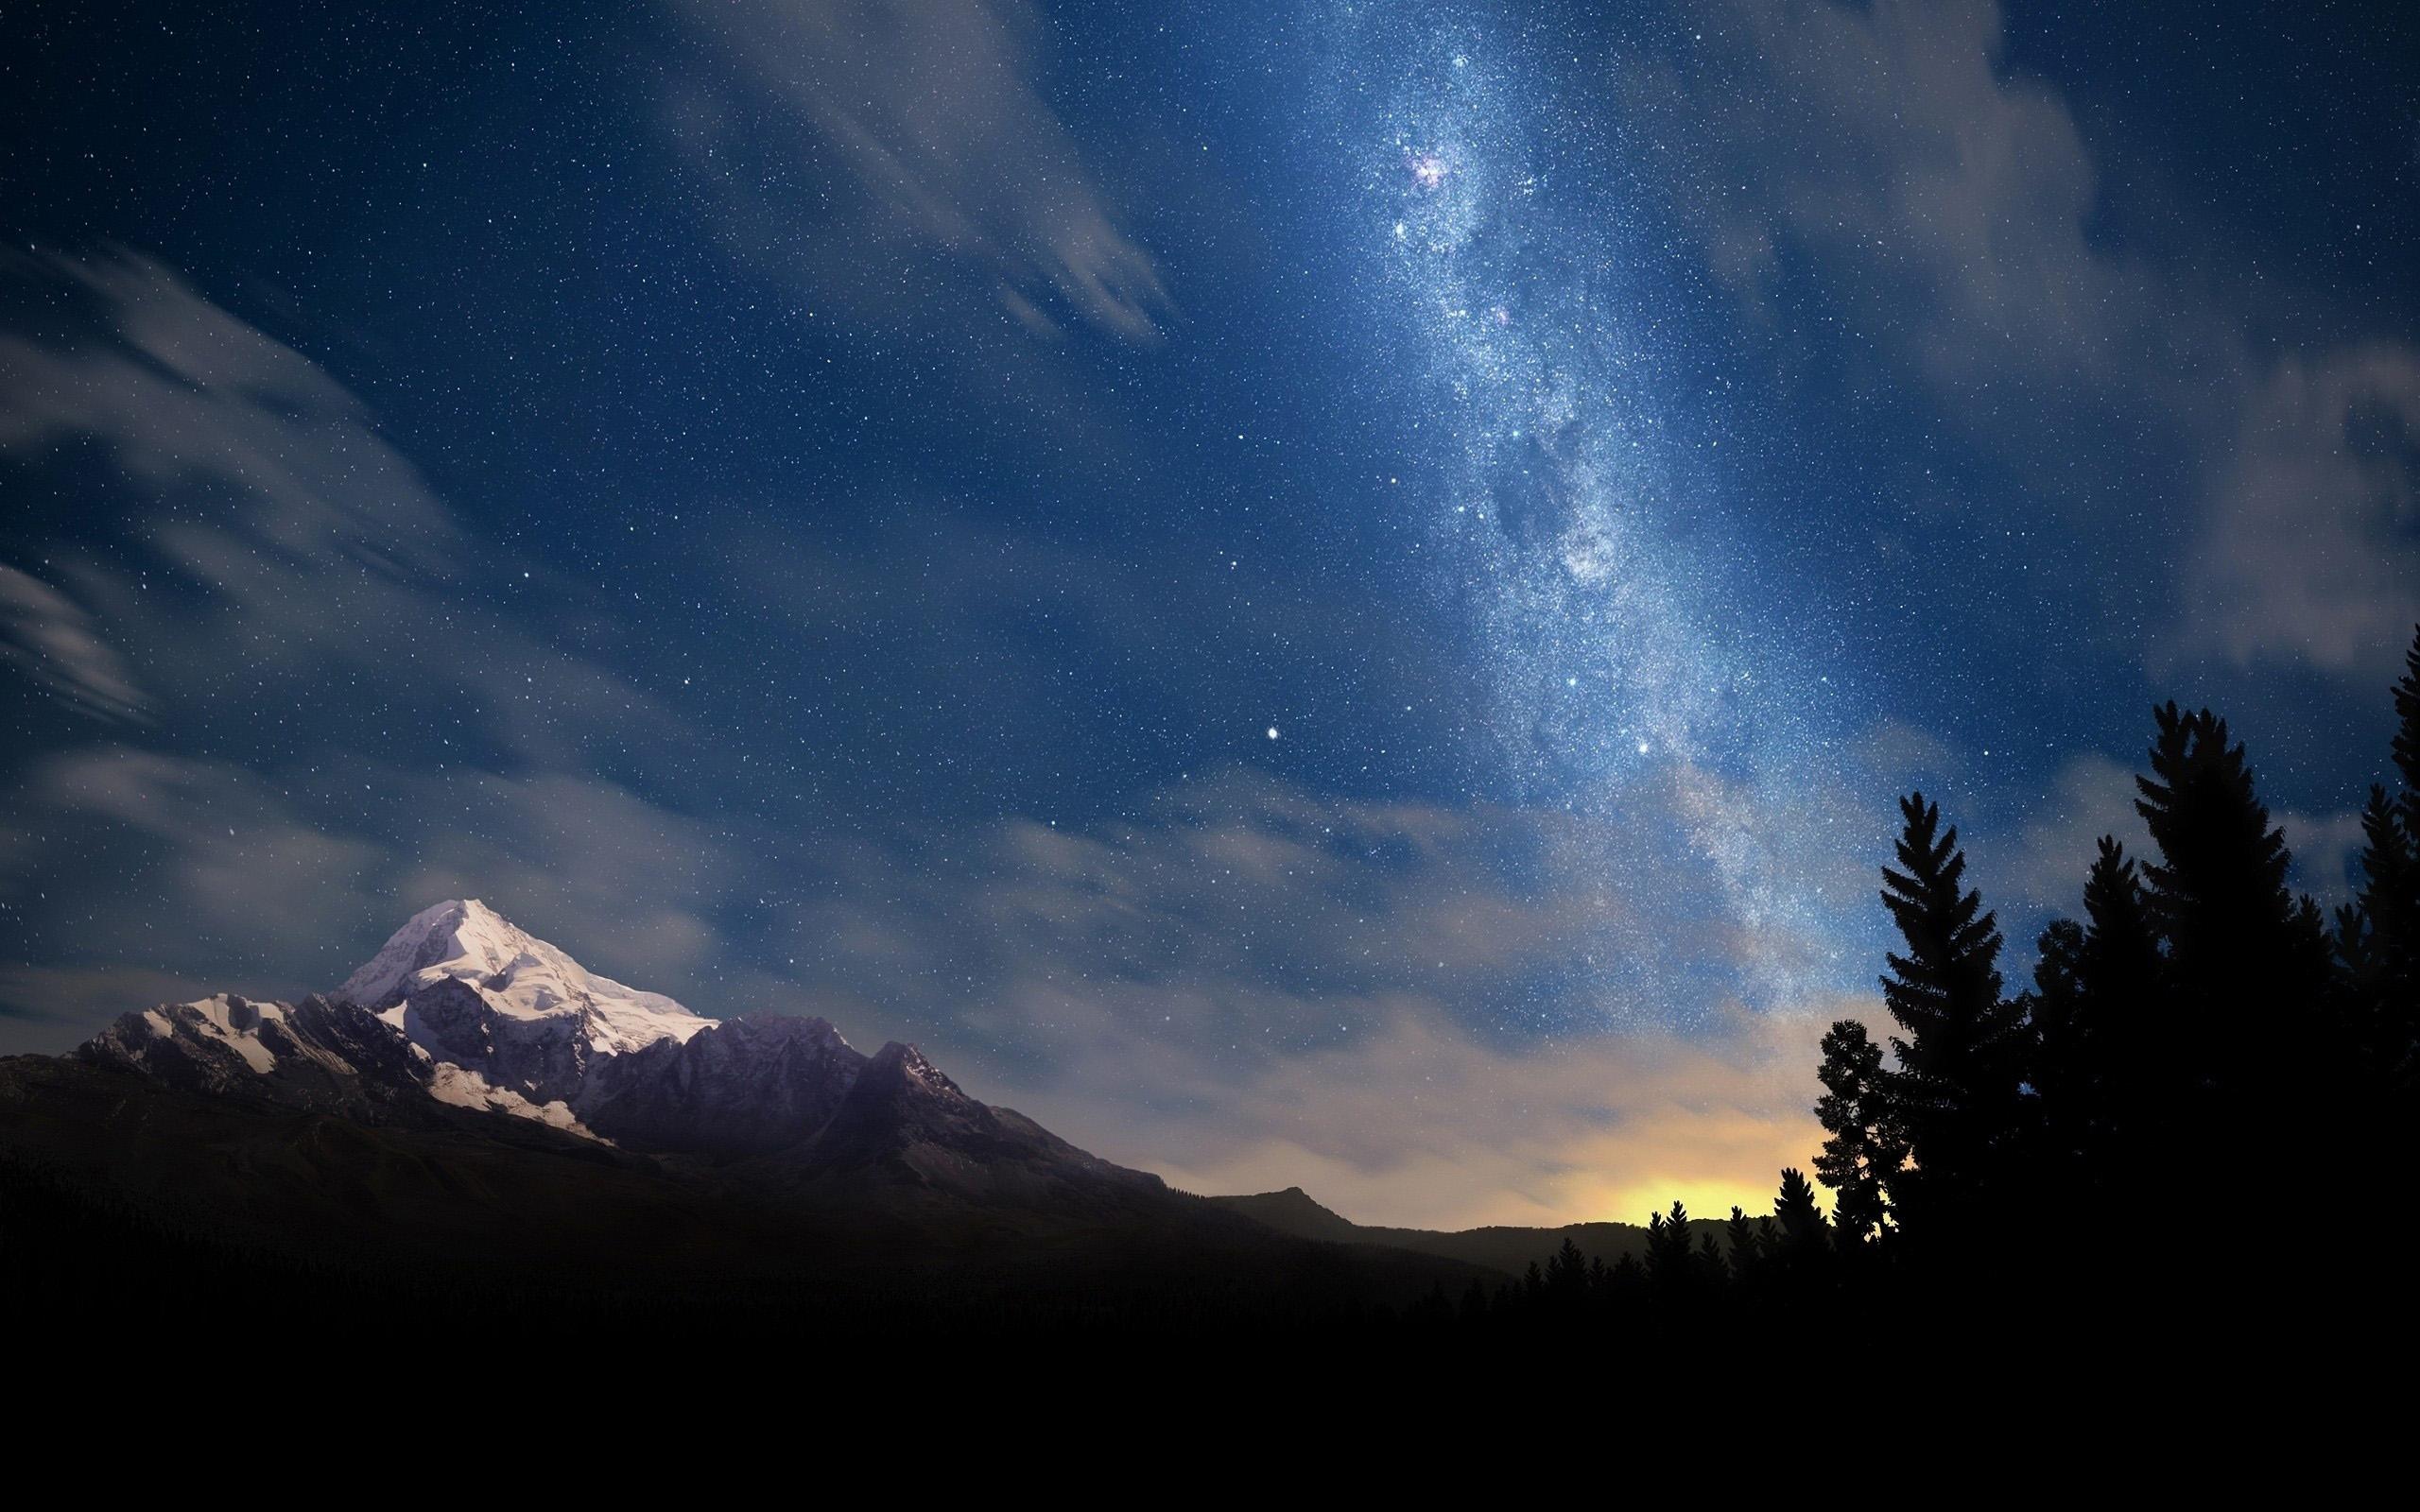 Night Sky Wallpaper